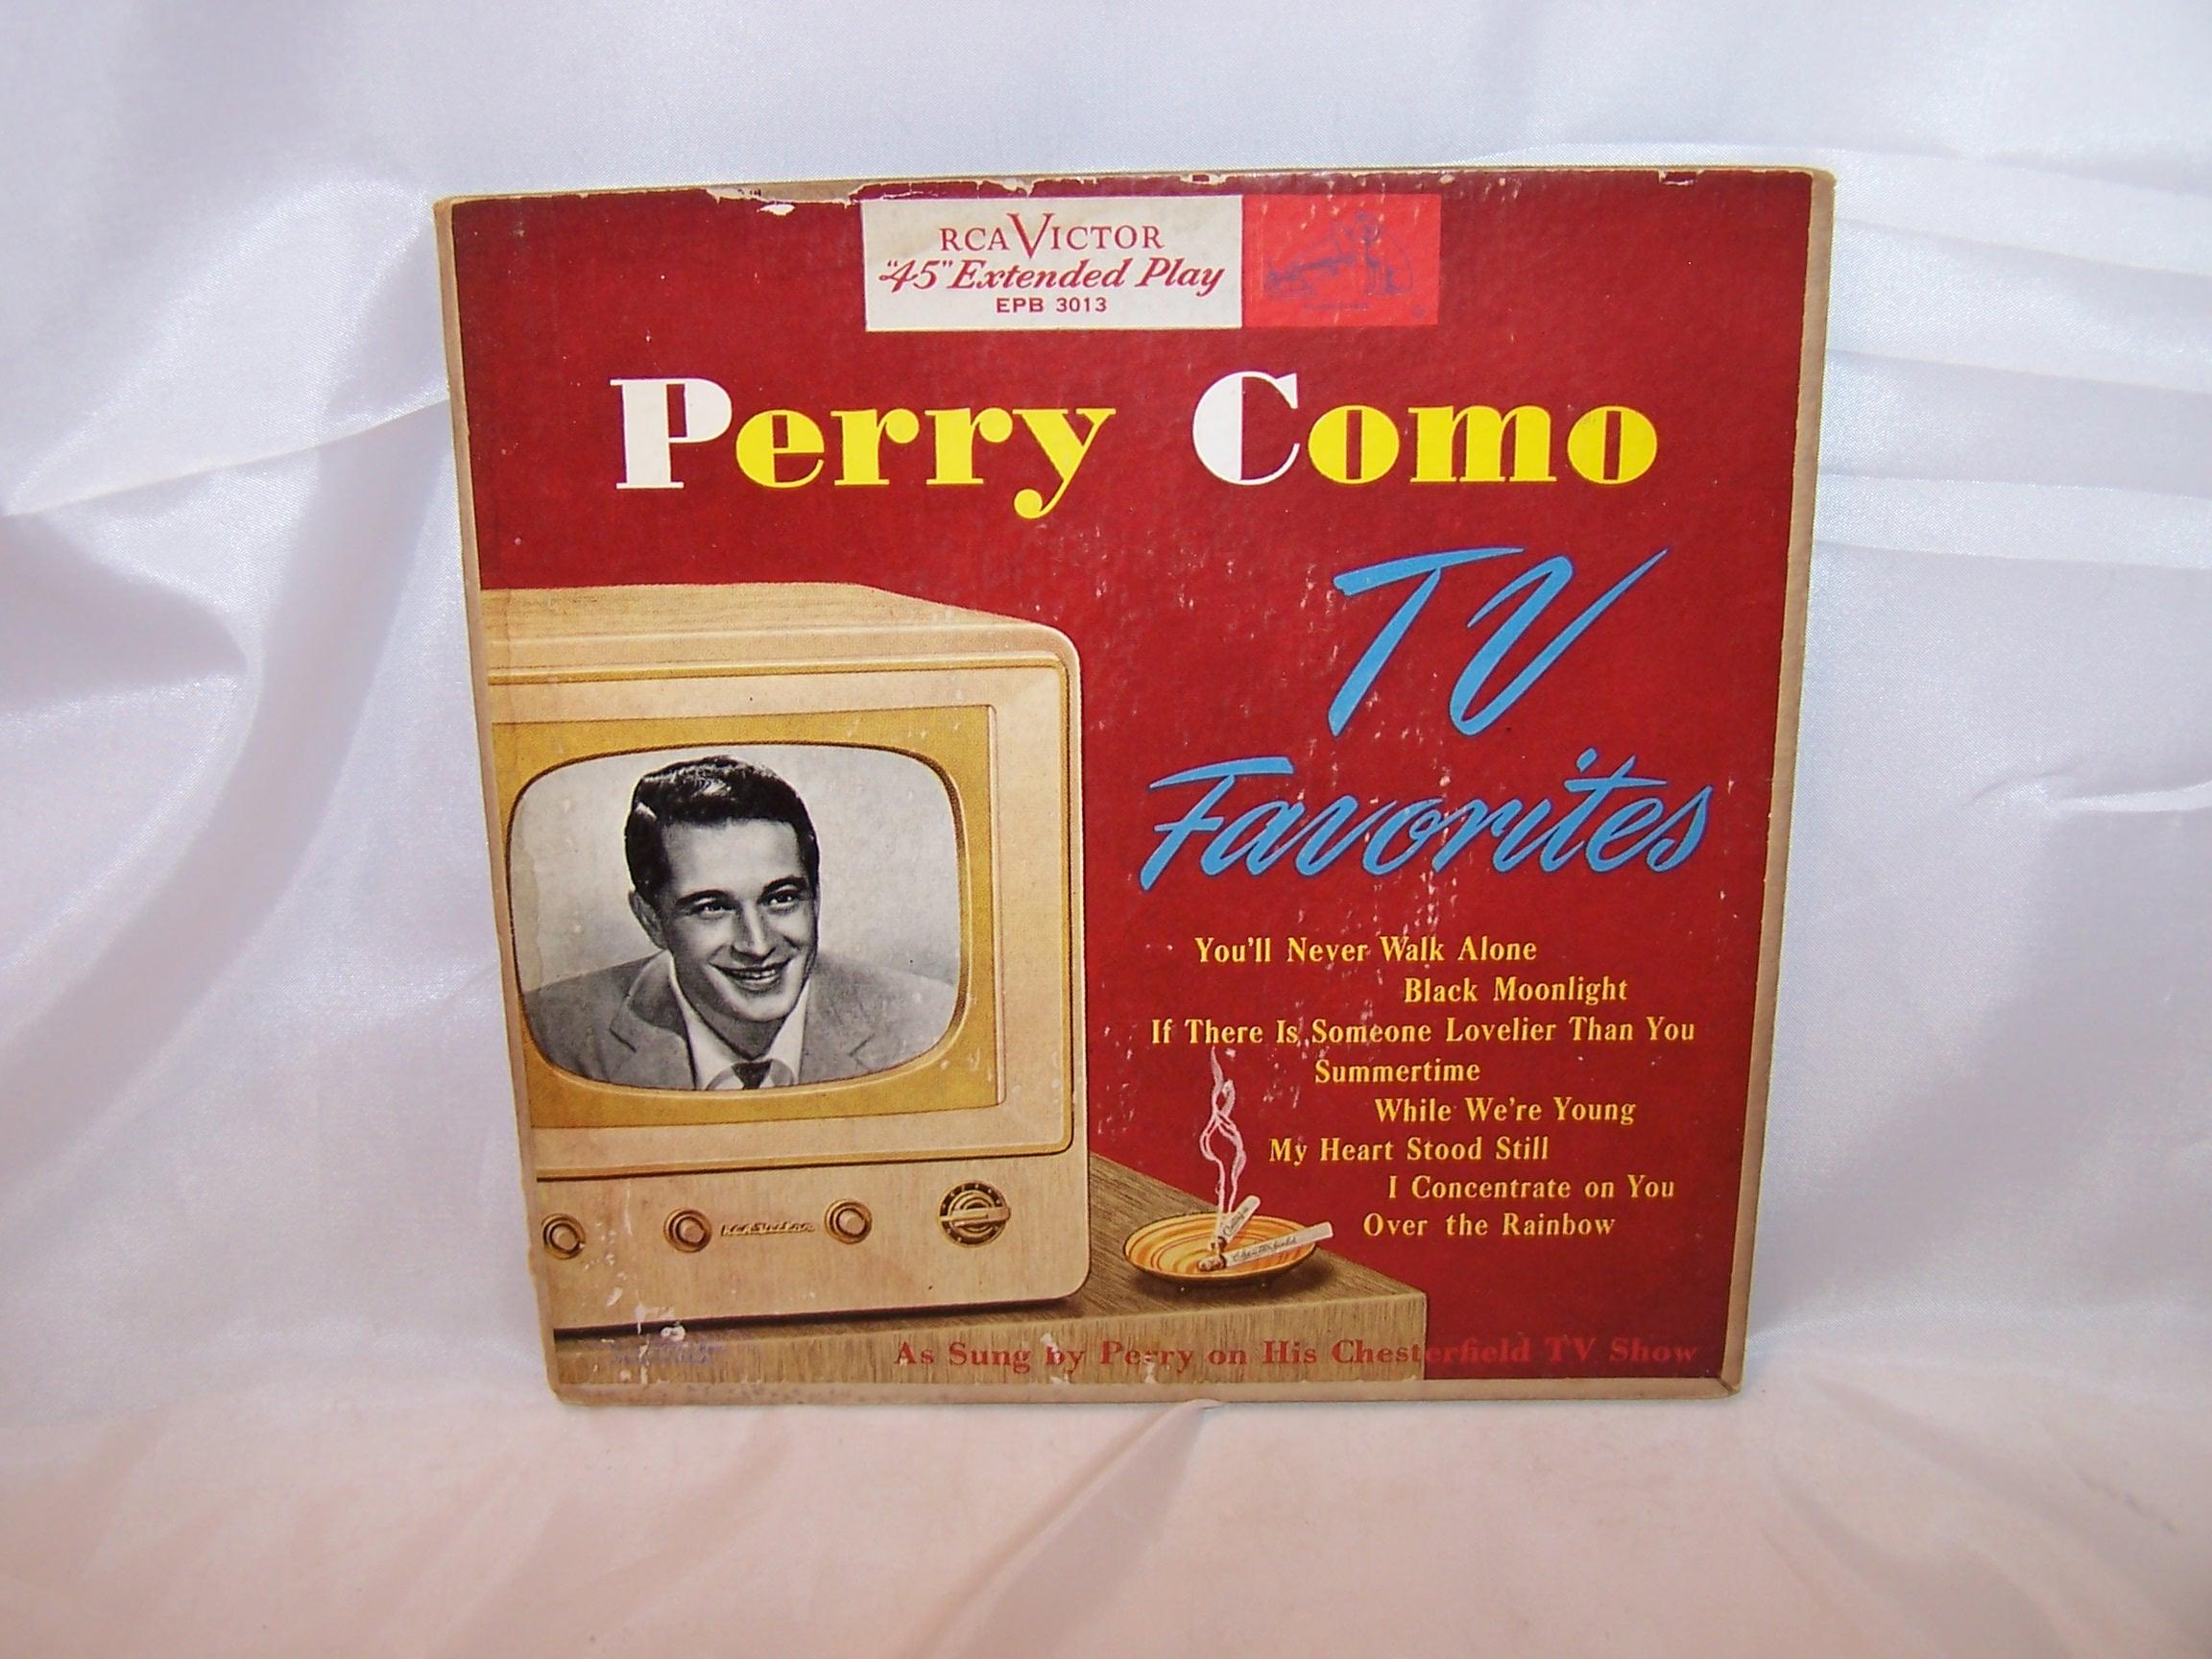 Perry Como, TV Favorites 45 RPM Record Set